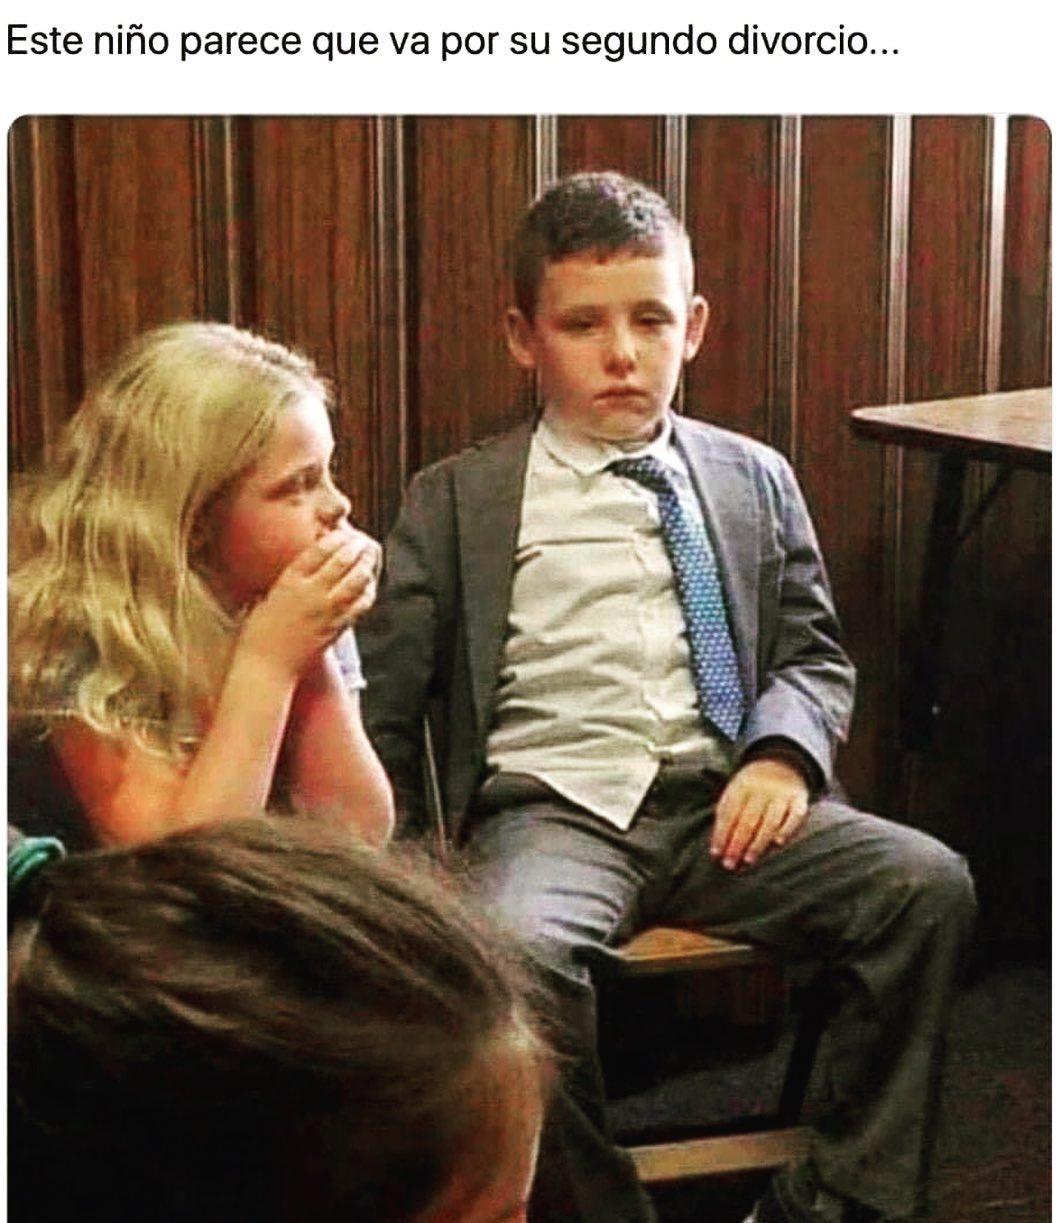 Este niño parece que va por su segundo divorcio...